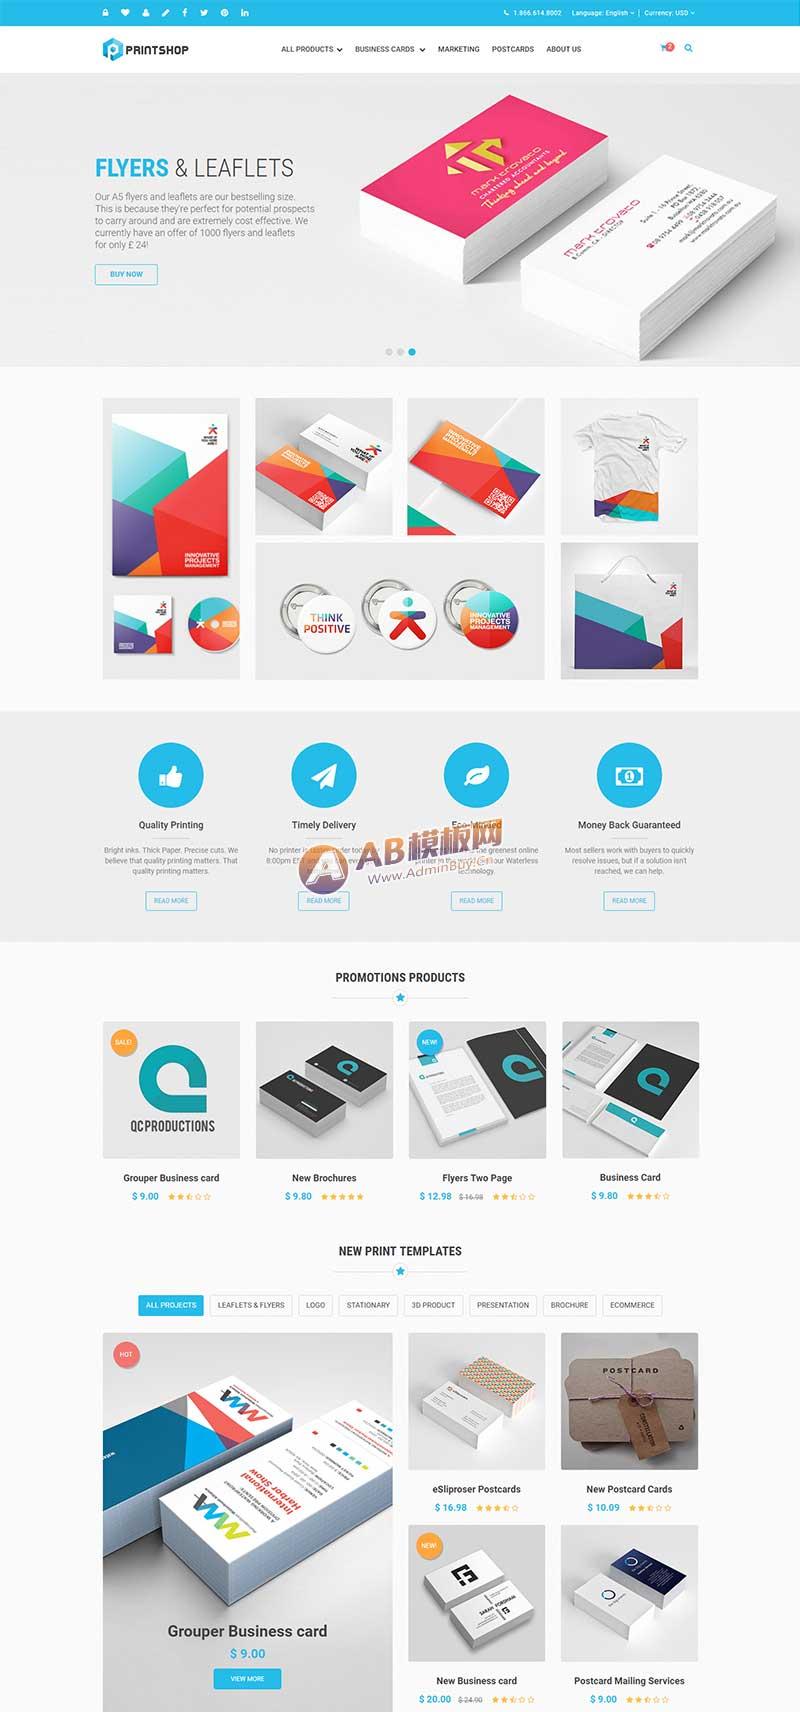 蓝色的响应式名片印刷网站模板 VI广告设计公司html5静态模板